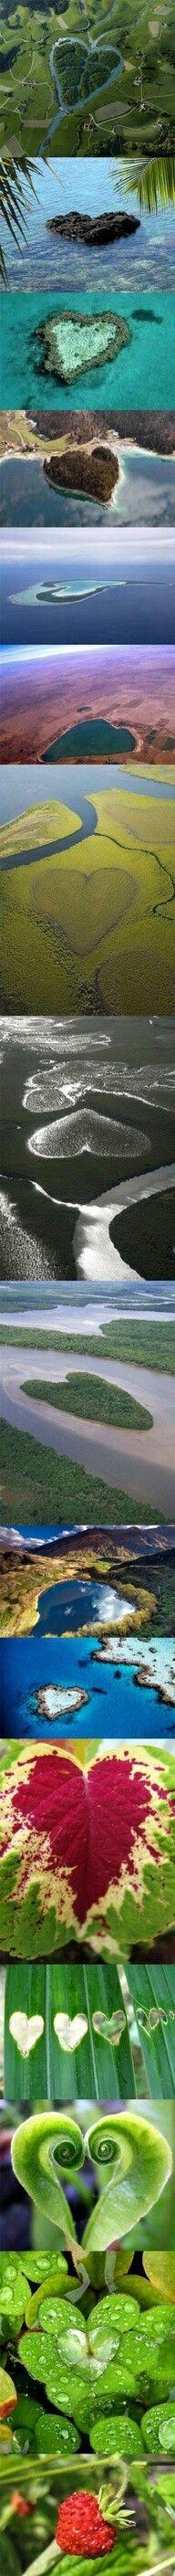 Hartjes in de natuur